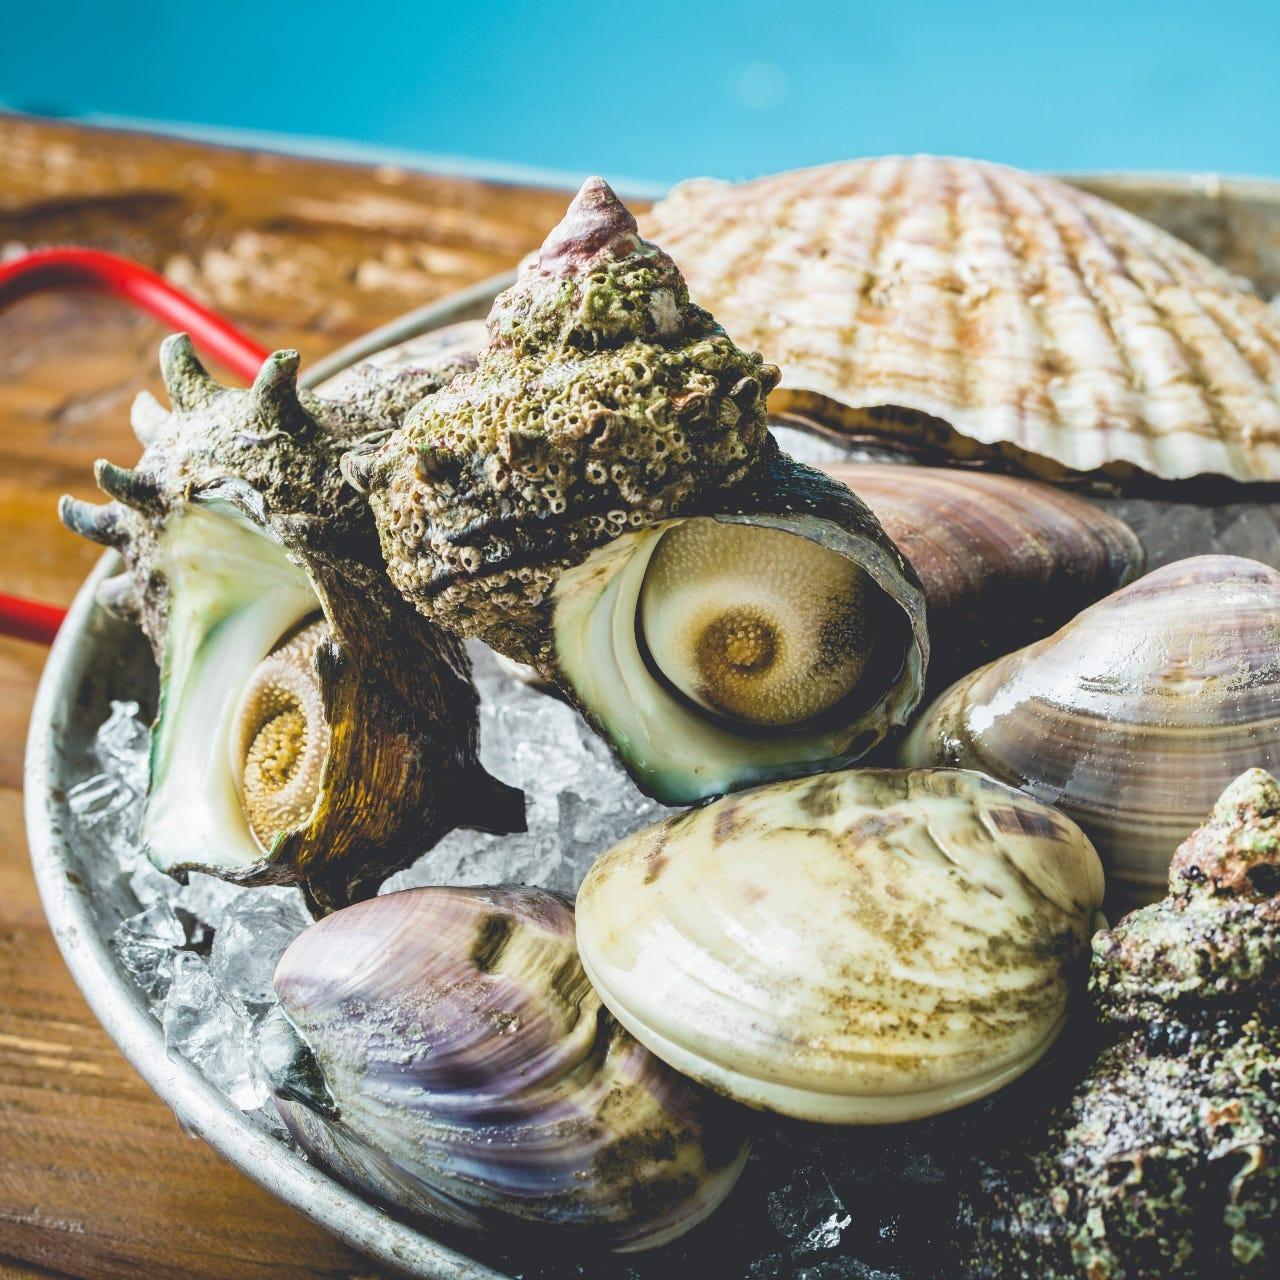 その他にも沢山の海産物を用意してます。宴会でも召し上がれます